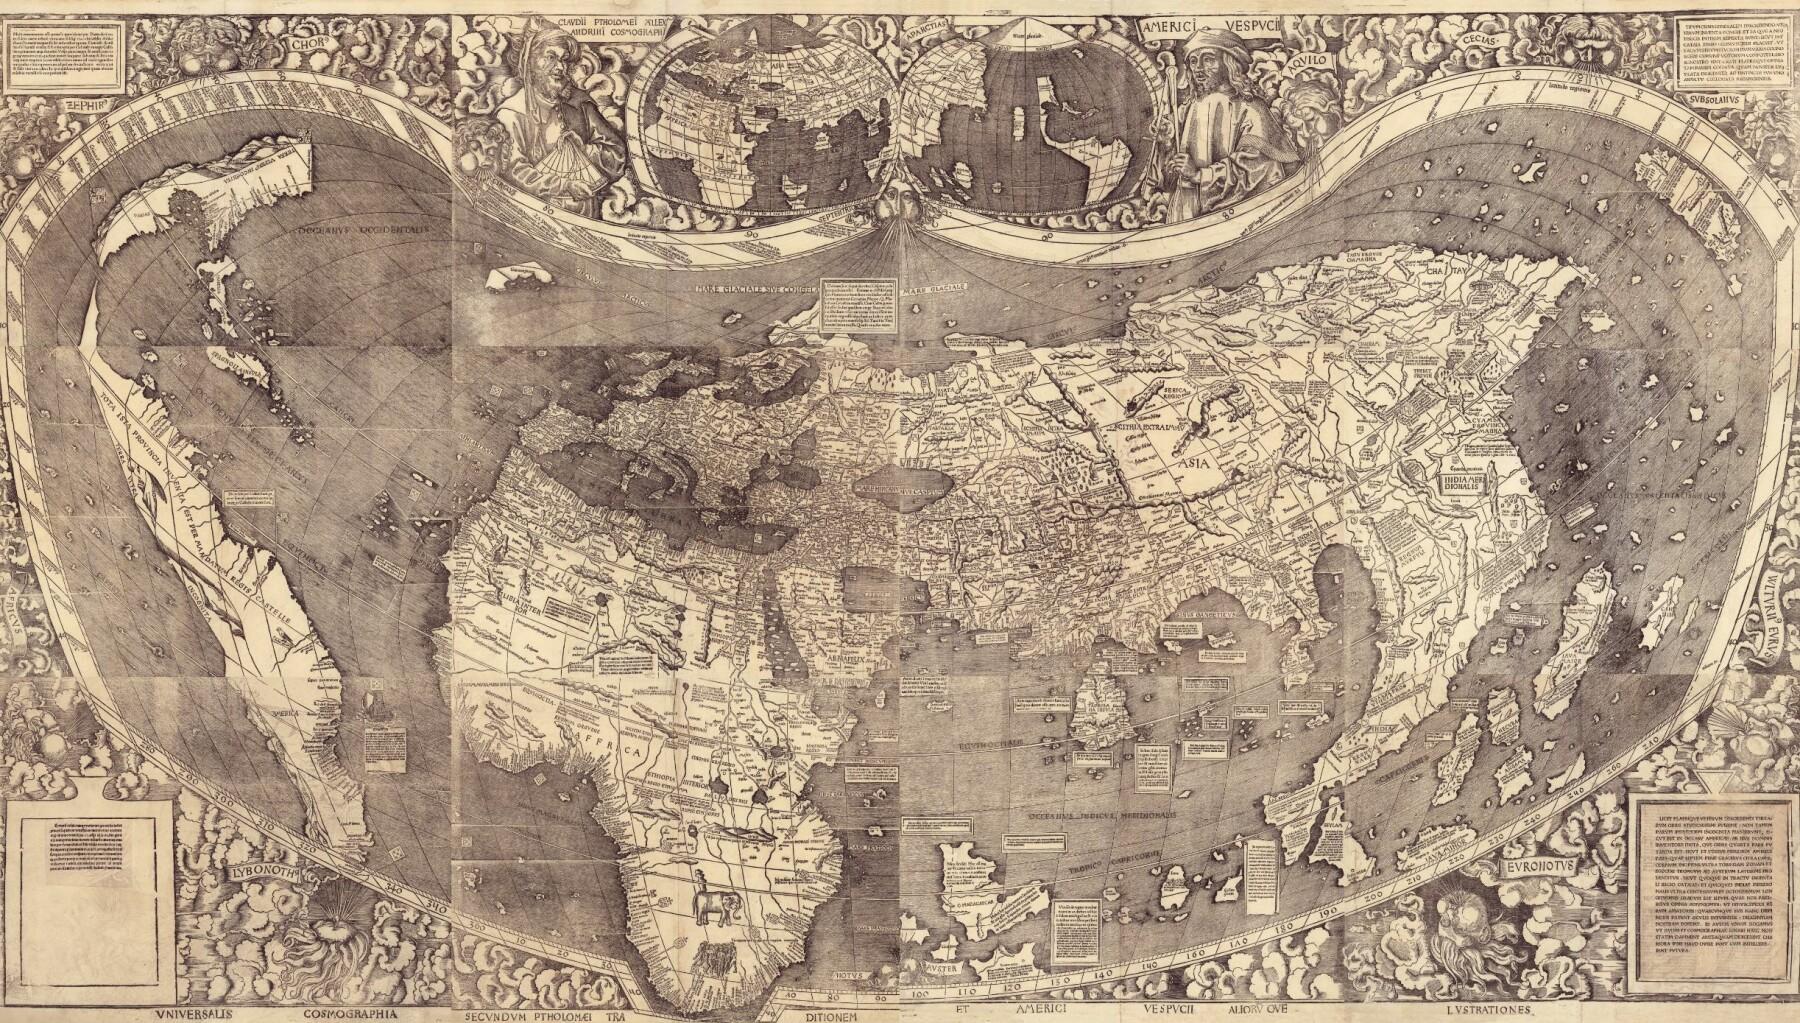 Verdens første kart der Amerika er tegnet som et eget kontinent og har fått navn. Det ble tegnet i 1507, seks år før den første europeeren faktisk så Stillehavet.